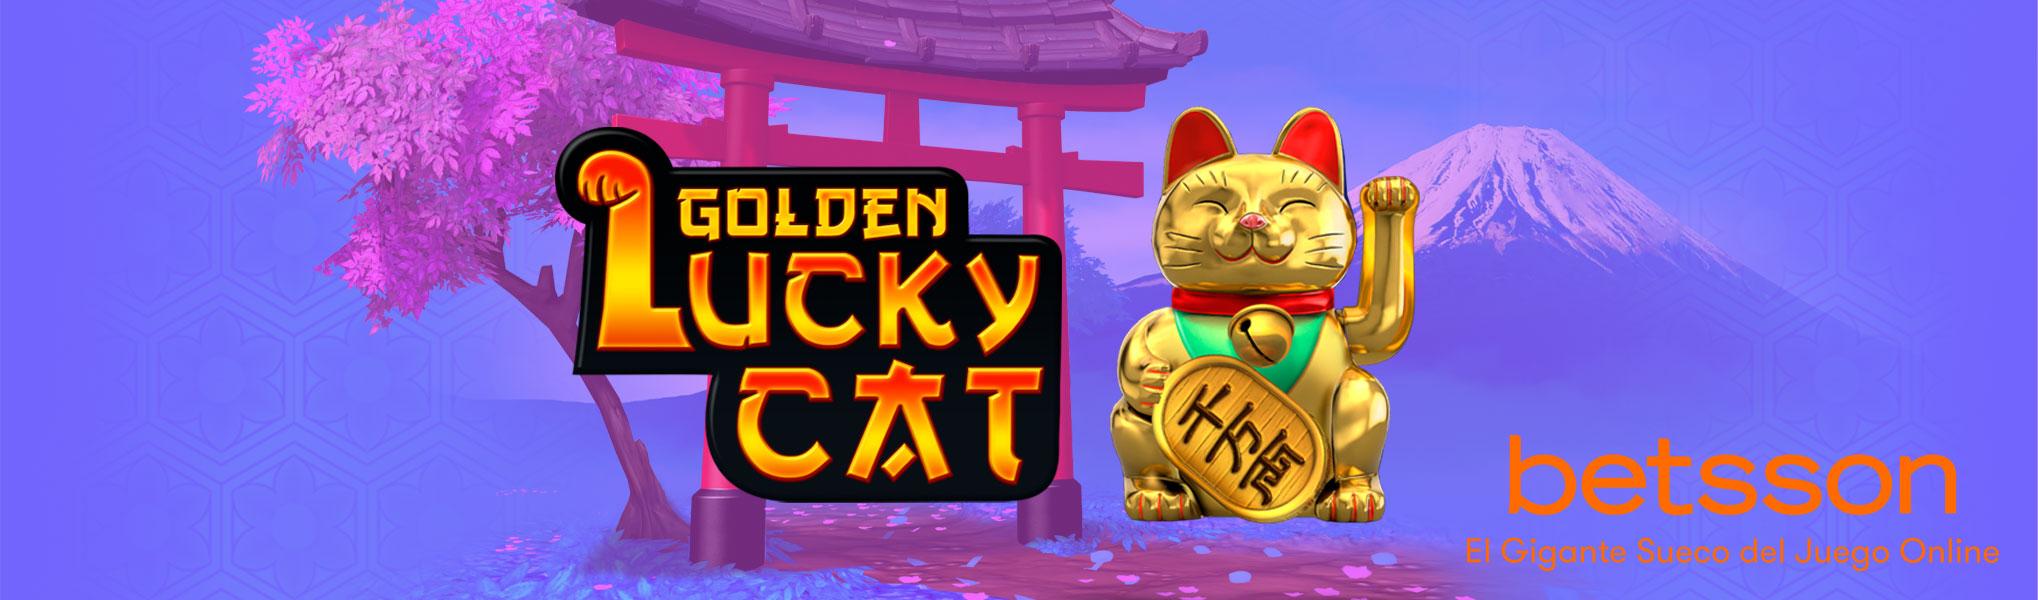 Llueven premios en el nuevo juego de bingo online, Golden Lucky Cat